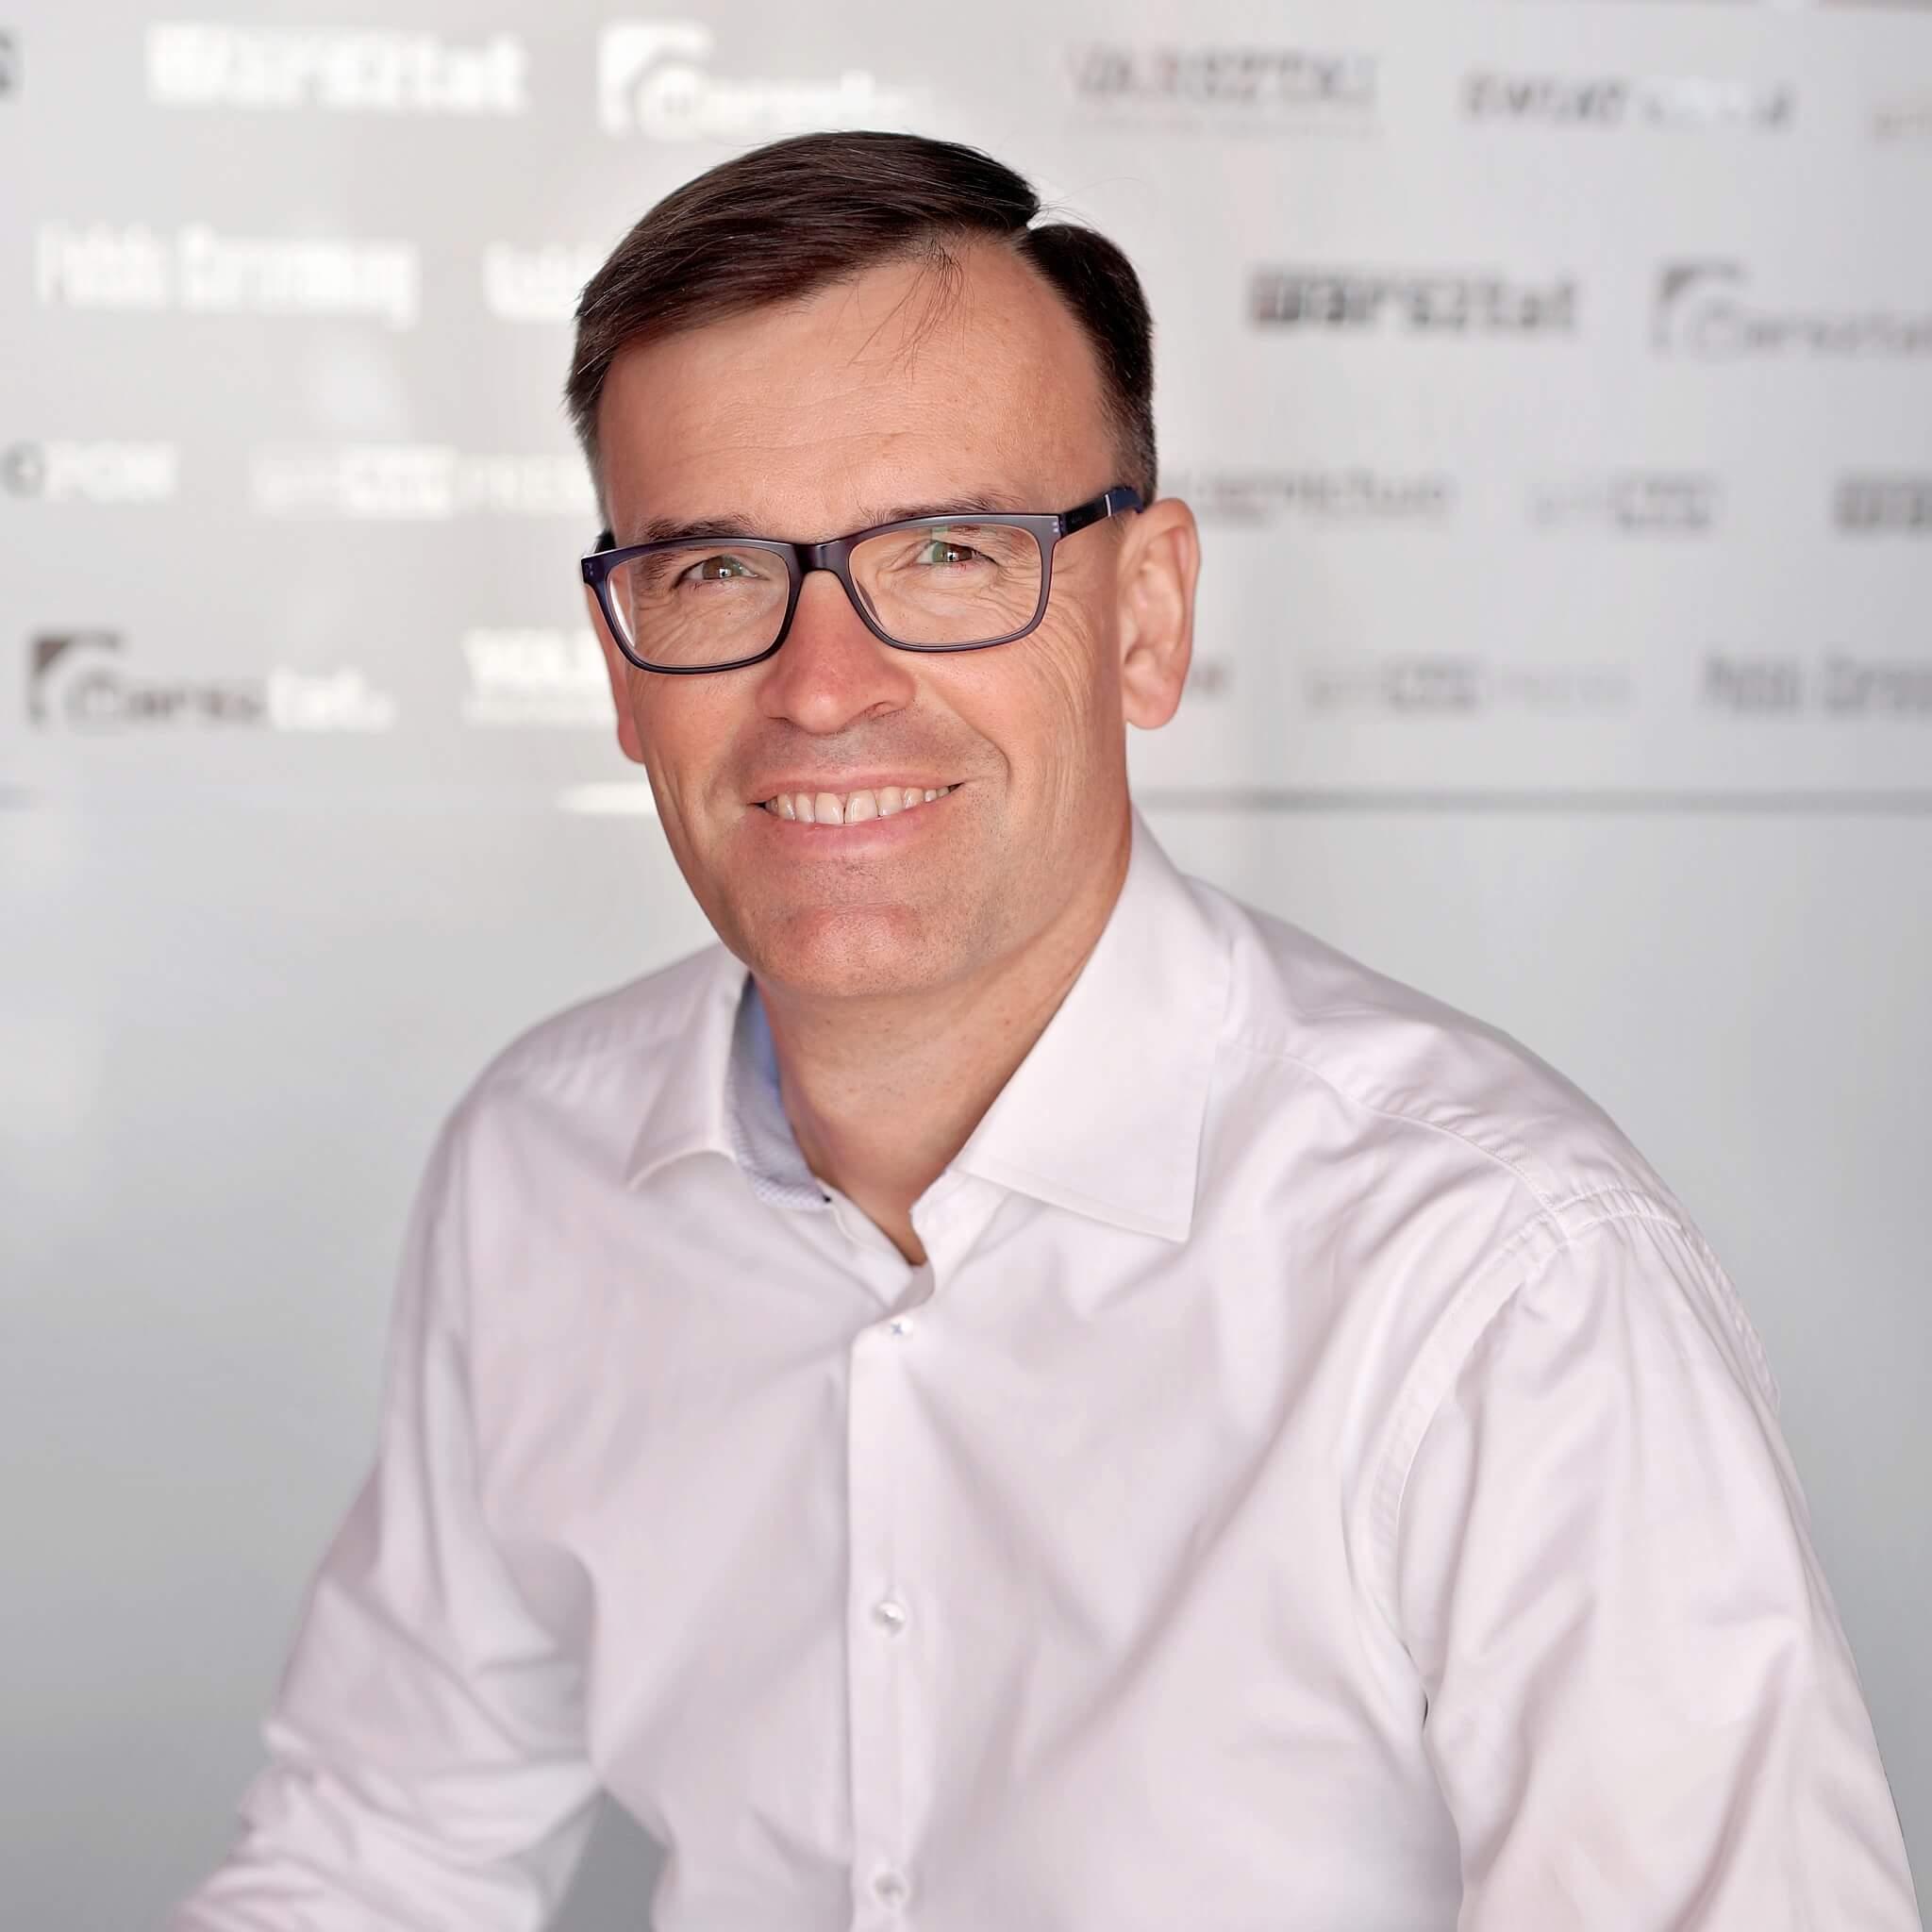 Redaktor naczelny Polskiego Caravaningu i  polskicaravaning.pl. W tworzenie branży w Polsce zaangażowany jest od 16 lat, zarówno jako wiceprezes Stowarzyszenia Polska Grupa Caravaningowa, jak i prywatnie.